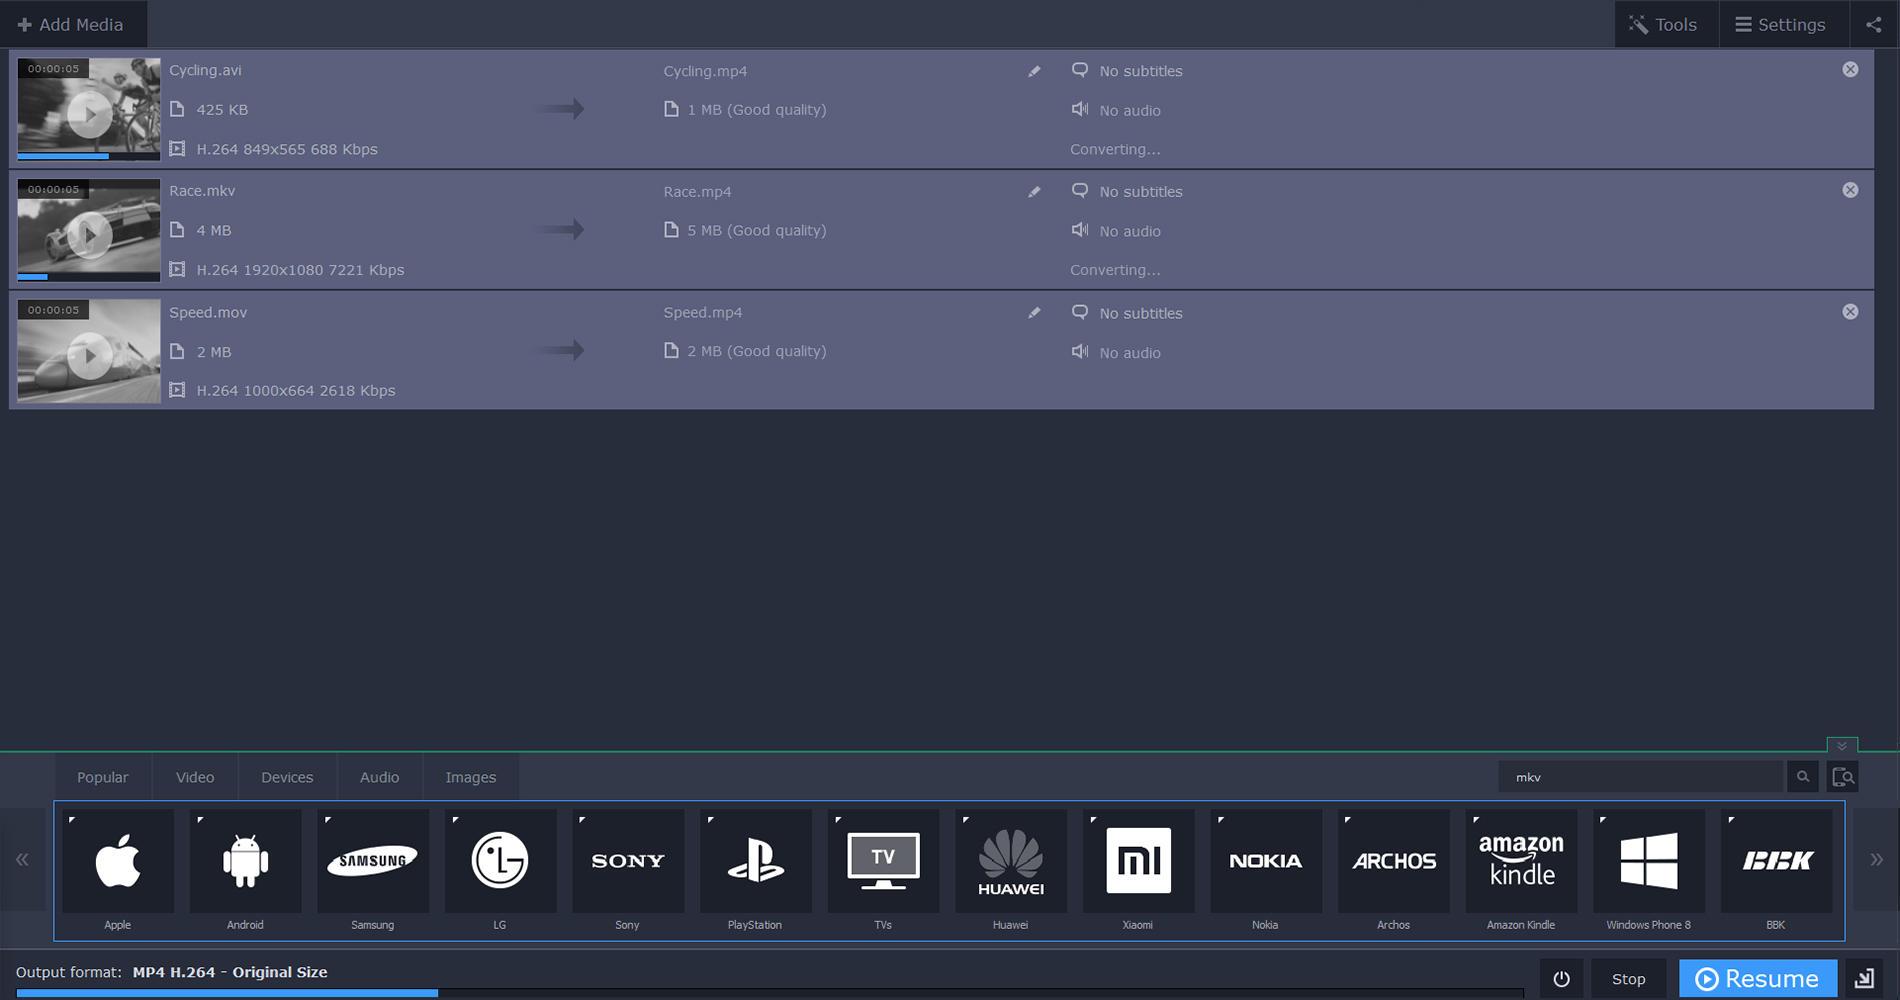 Movavi Video Converter Premium Crack 20.2.1 Full [ Latest ]